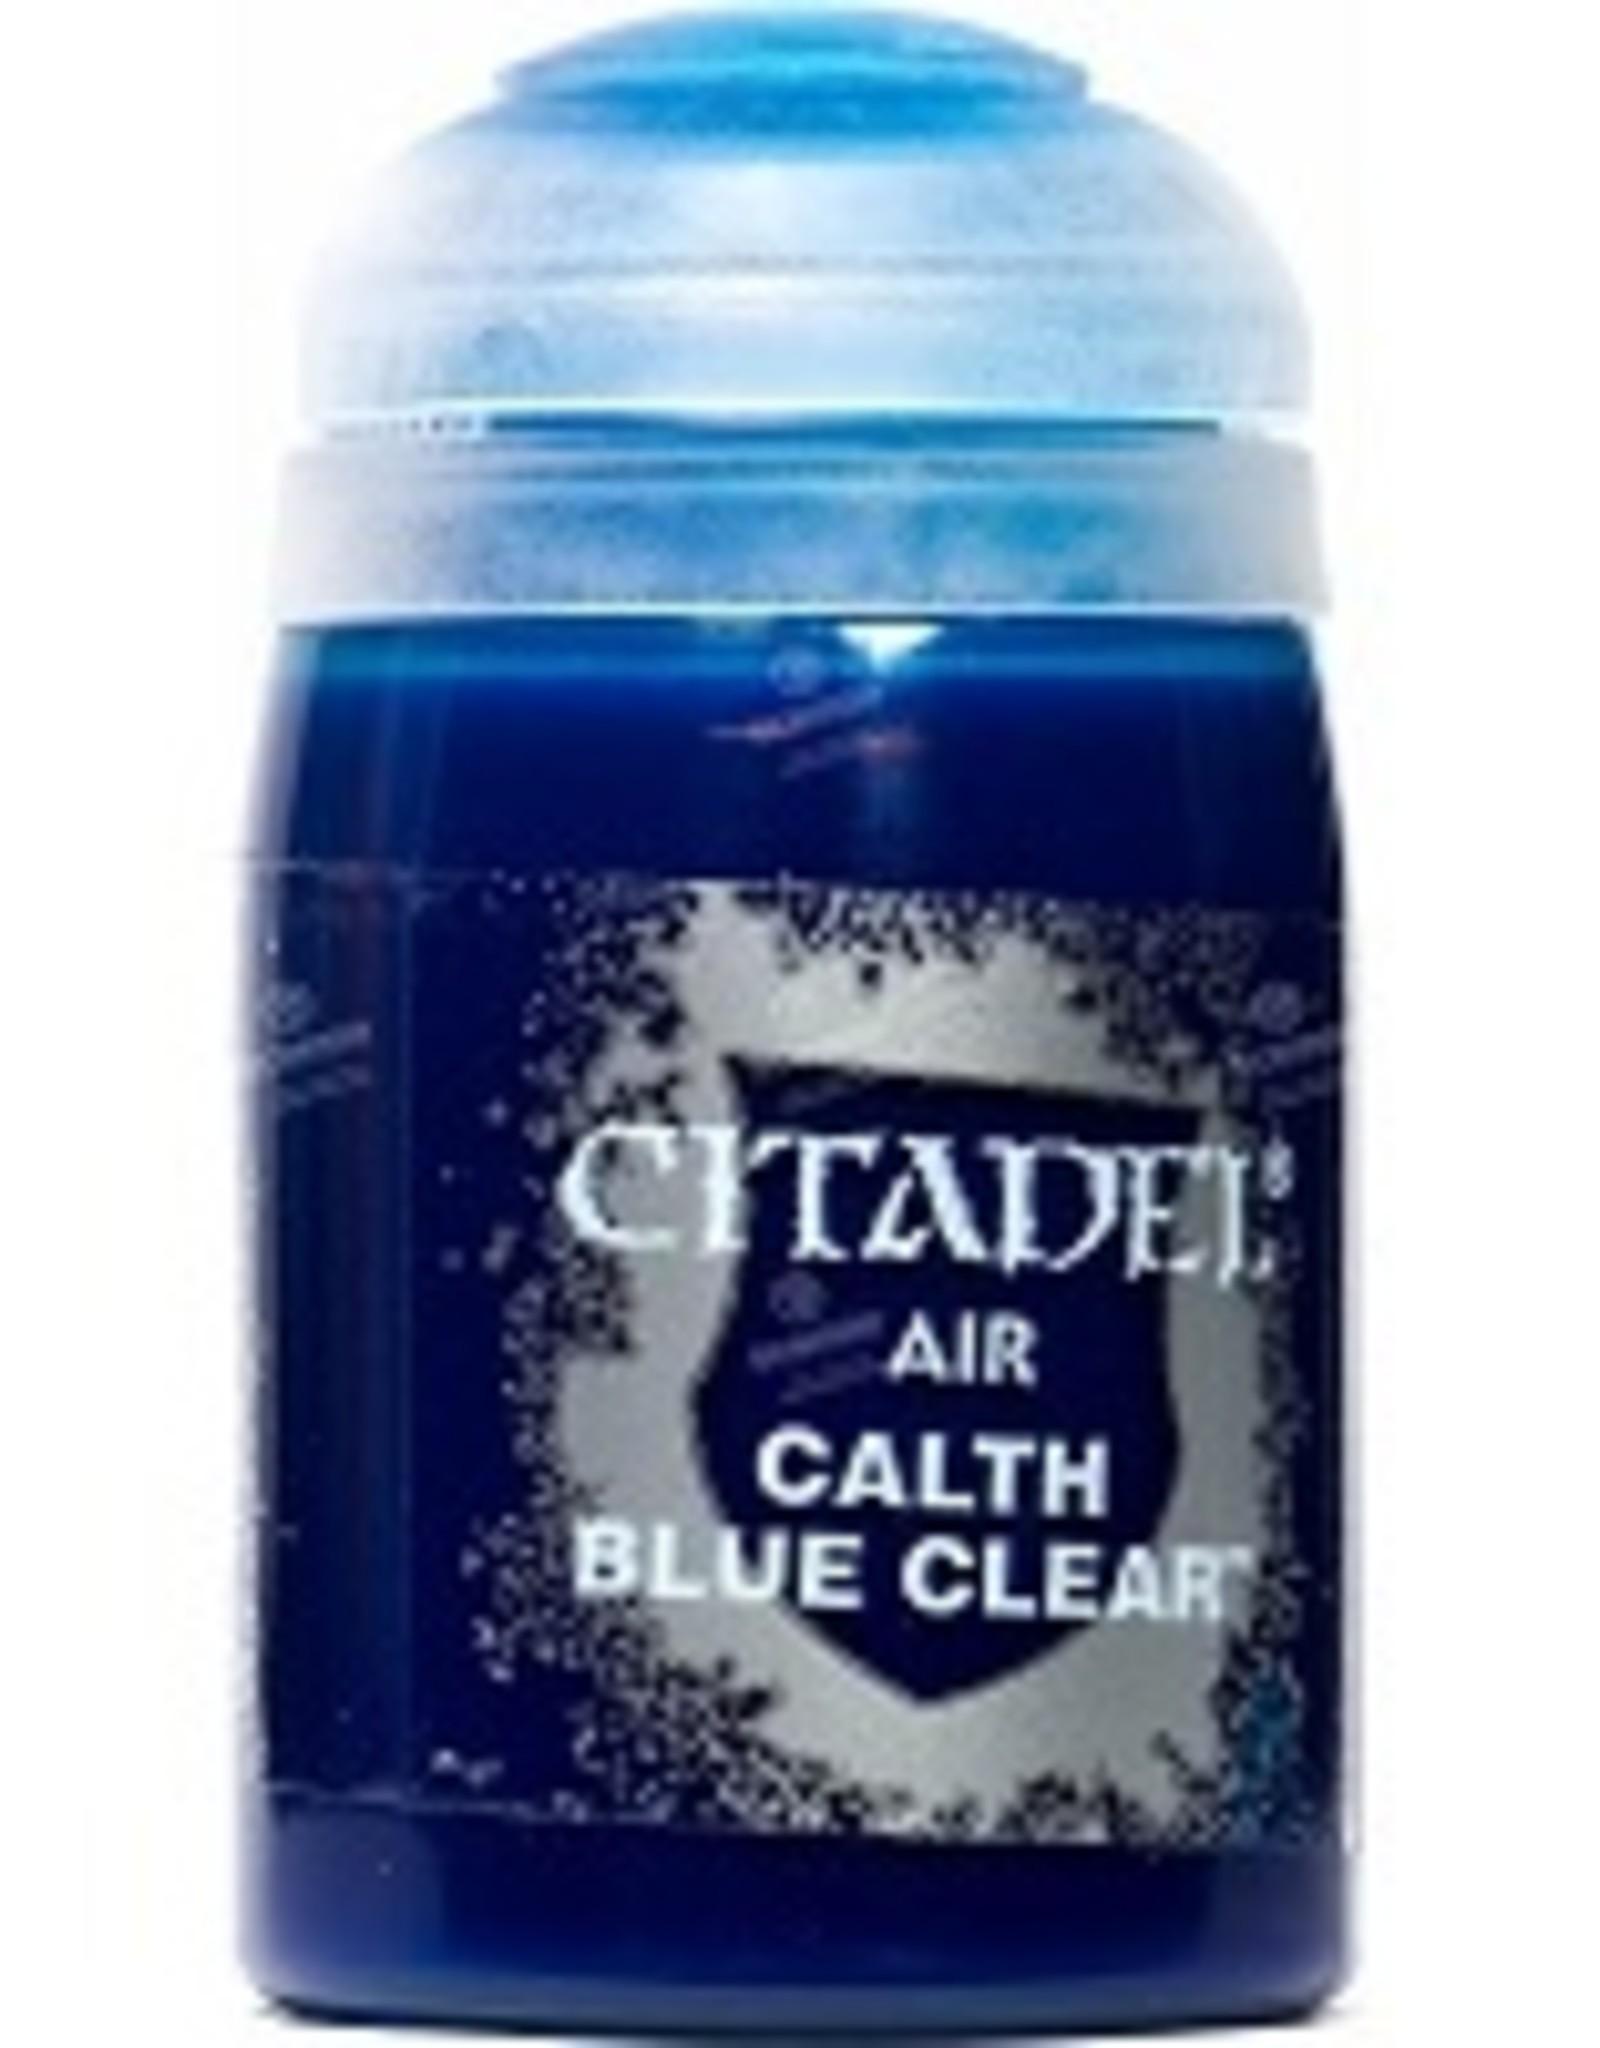 Citadel Citadel Air: Calth Blue Clear (24ml)